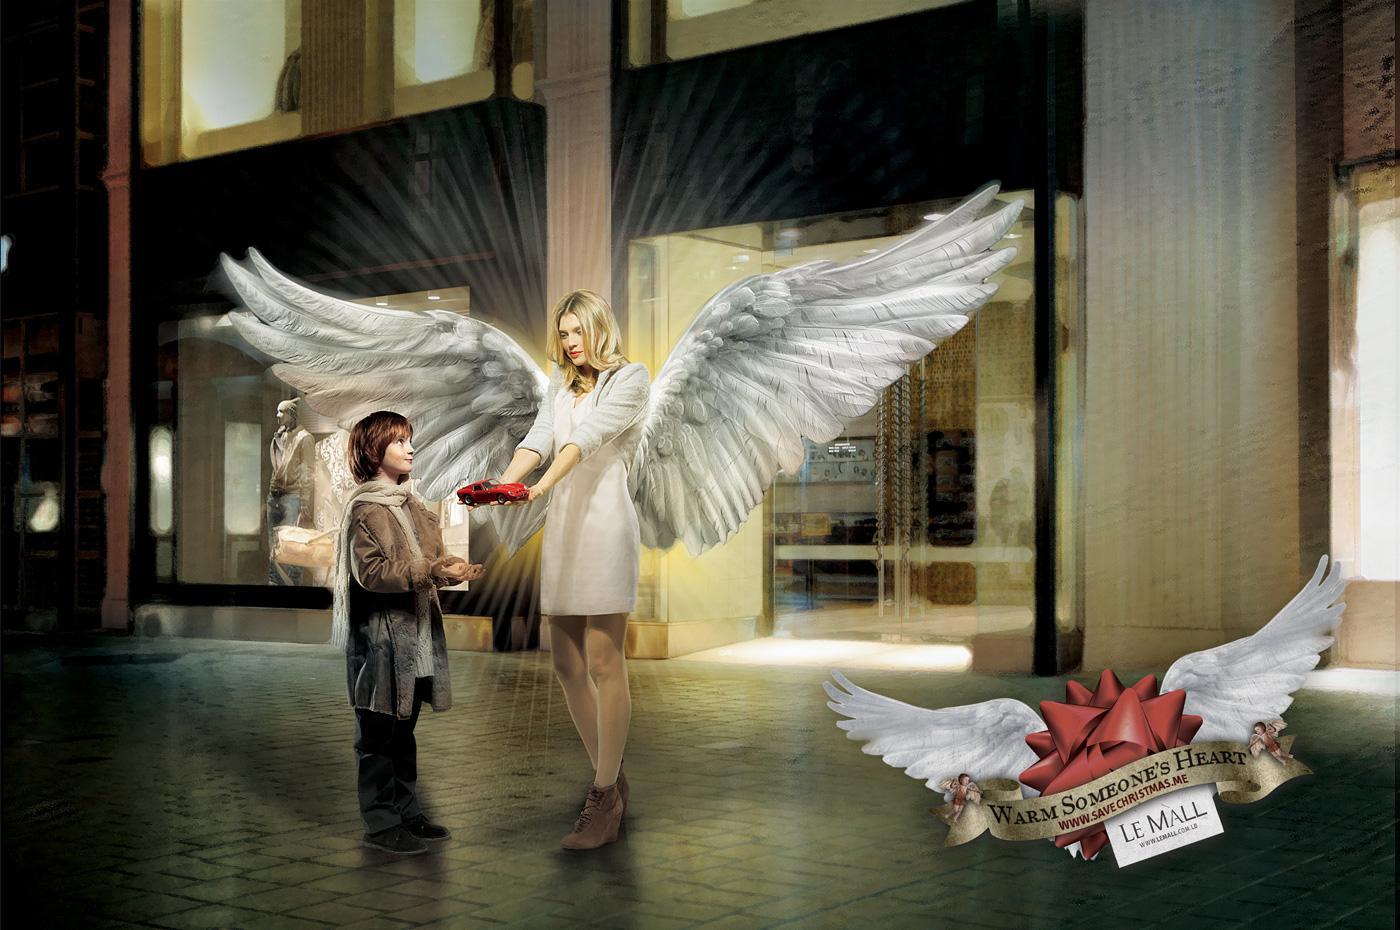 Le Mall Print Ad -  Save Christmas, 2